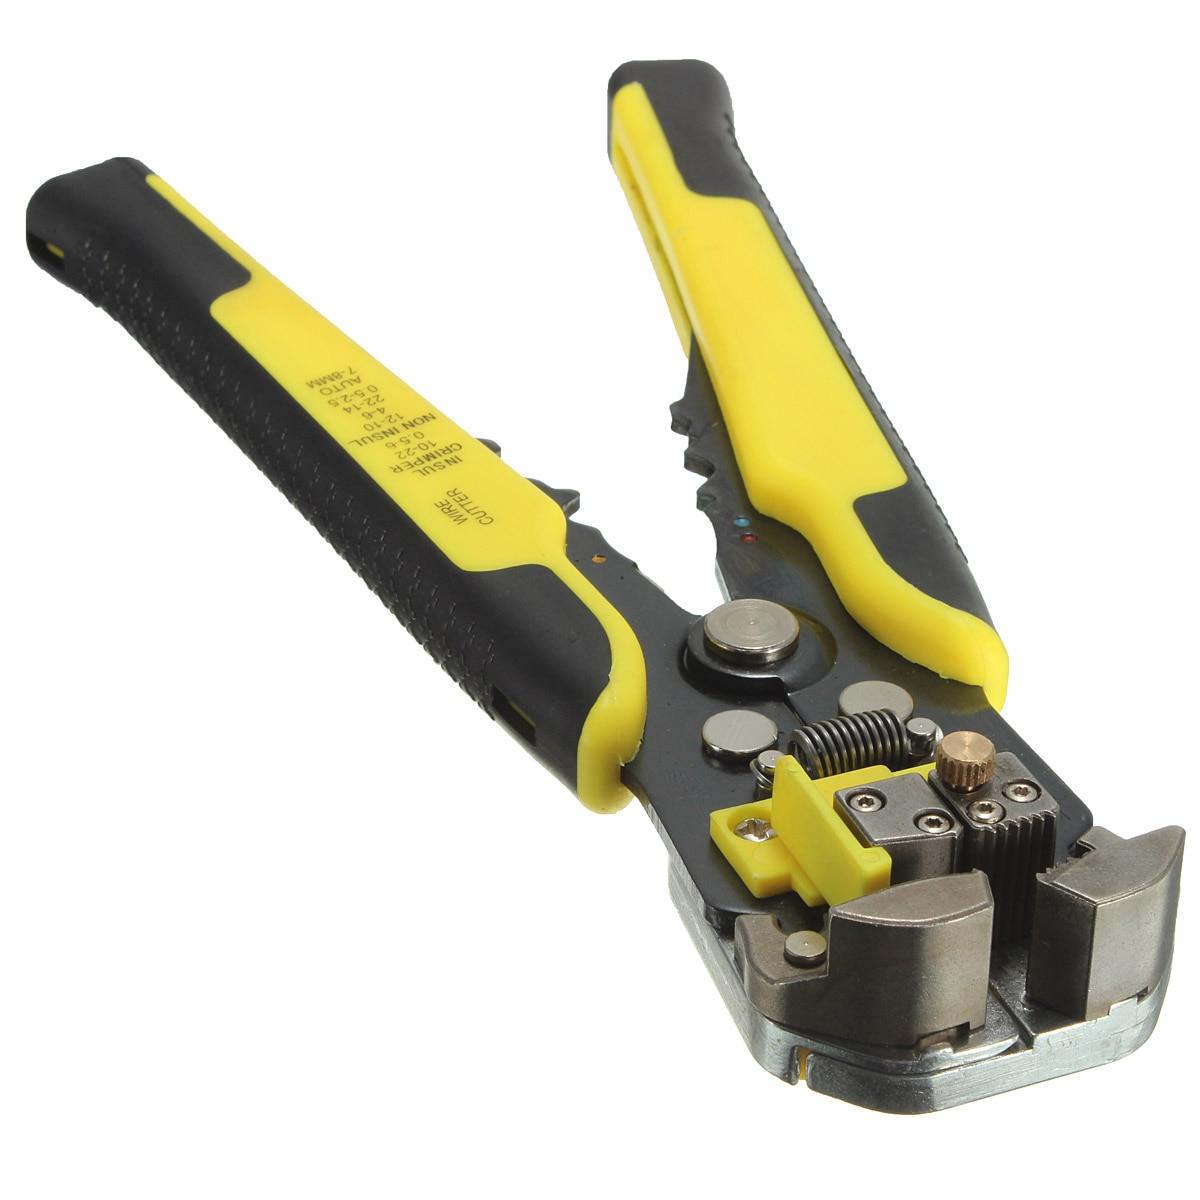 Elétrica Ferramentas de Decapagem Striper Fio Automático Stripper Cortador De Cabo de Fio Alicate de Friso Crimper Terminal Ferramenta de Corte da Mão